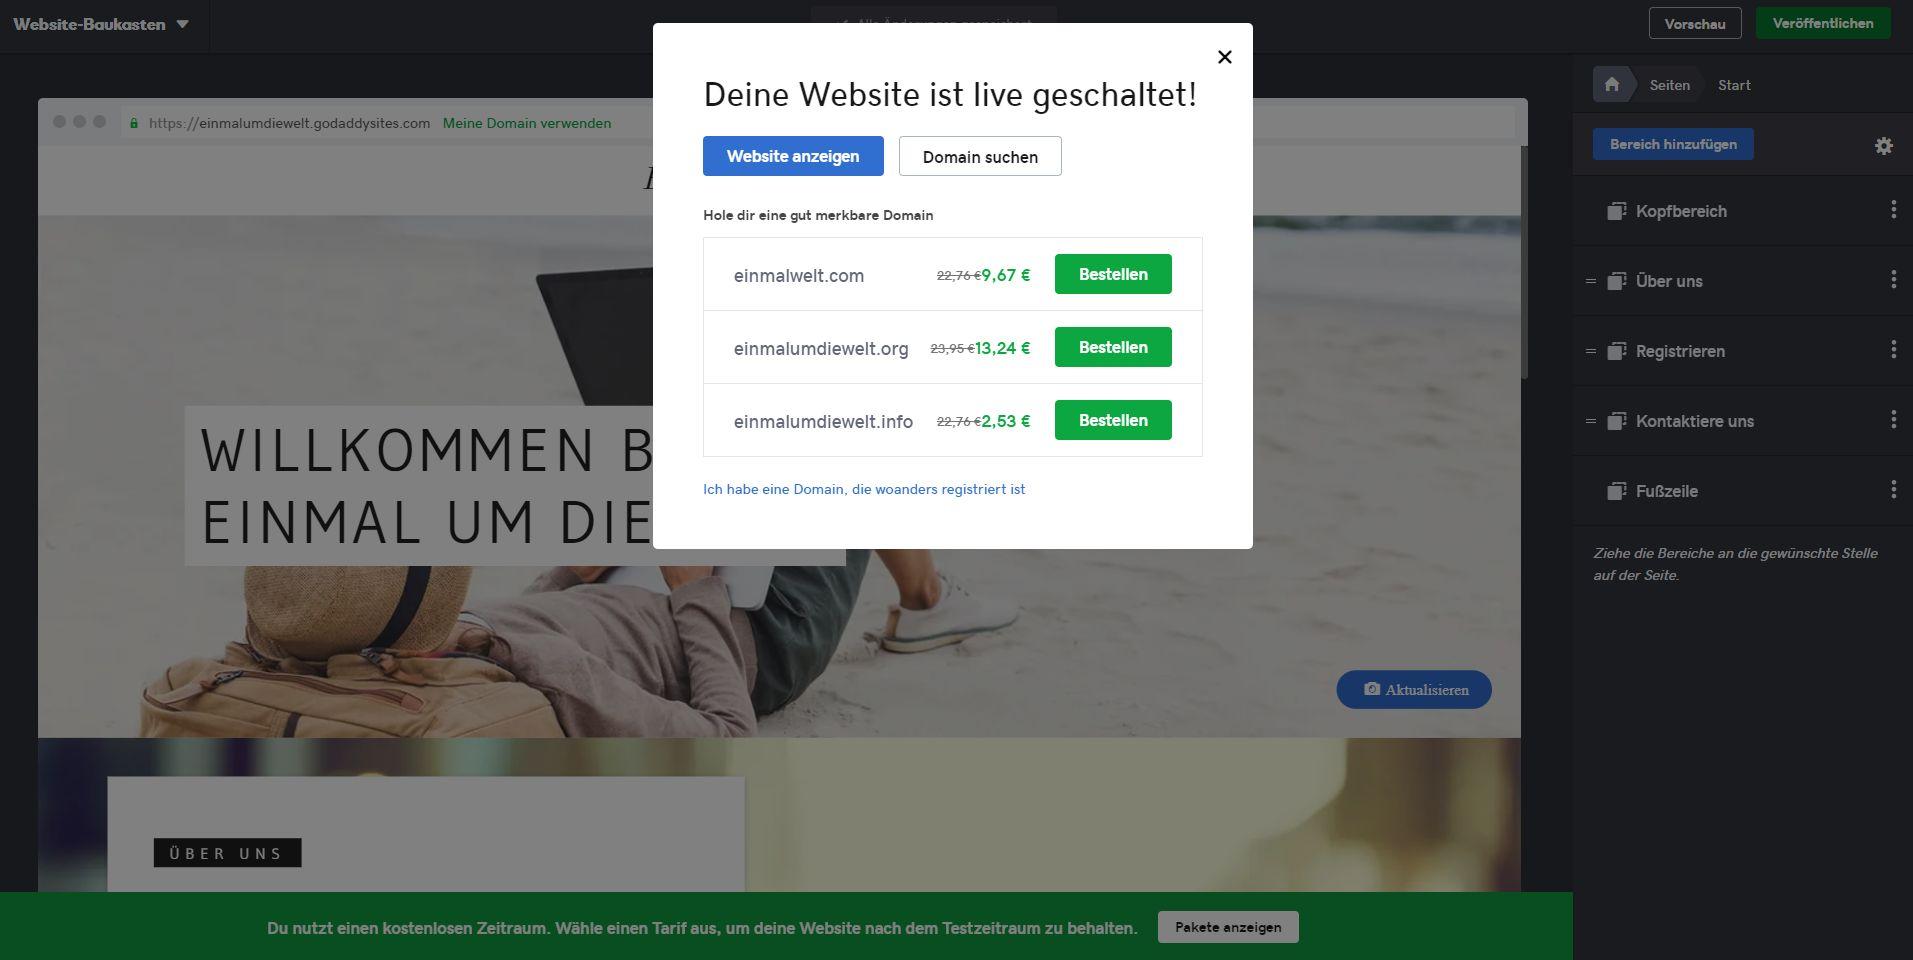 Kostenlose Website erstellen mit GoDaddy - Schritt 7: Live gehen